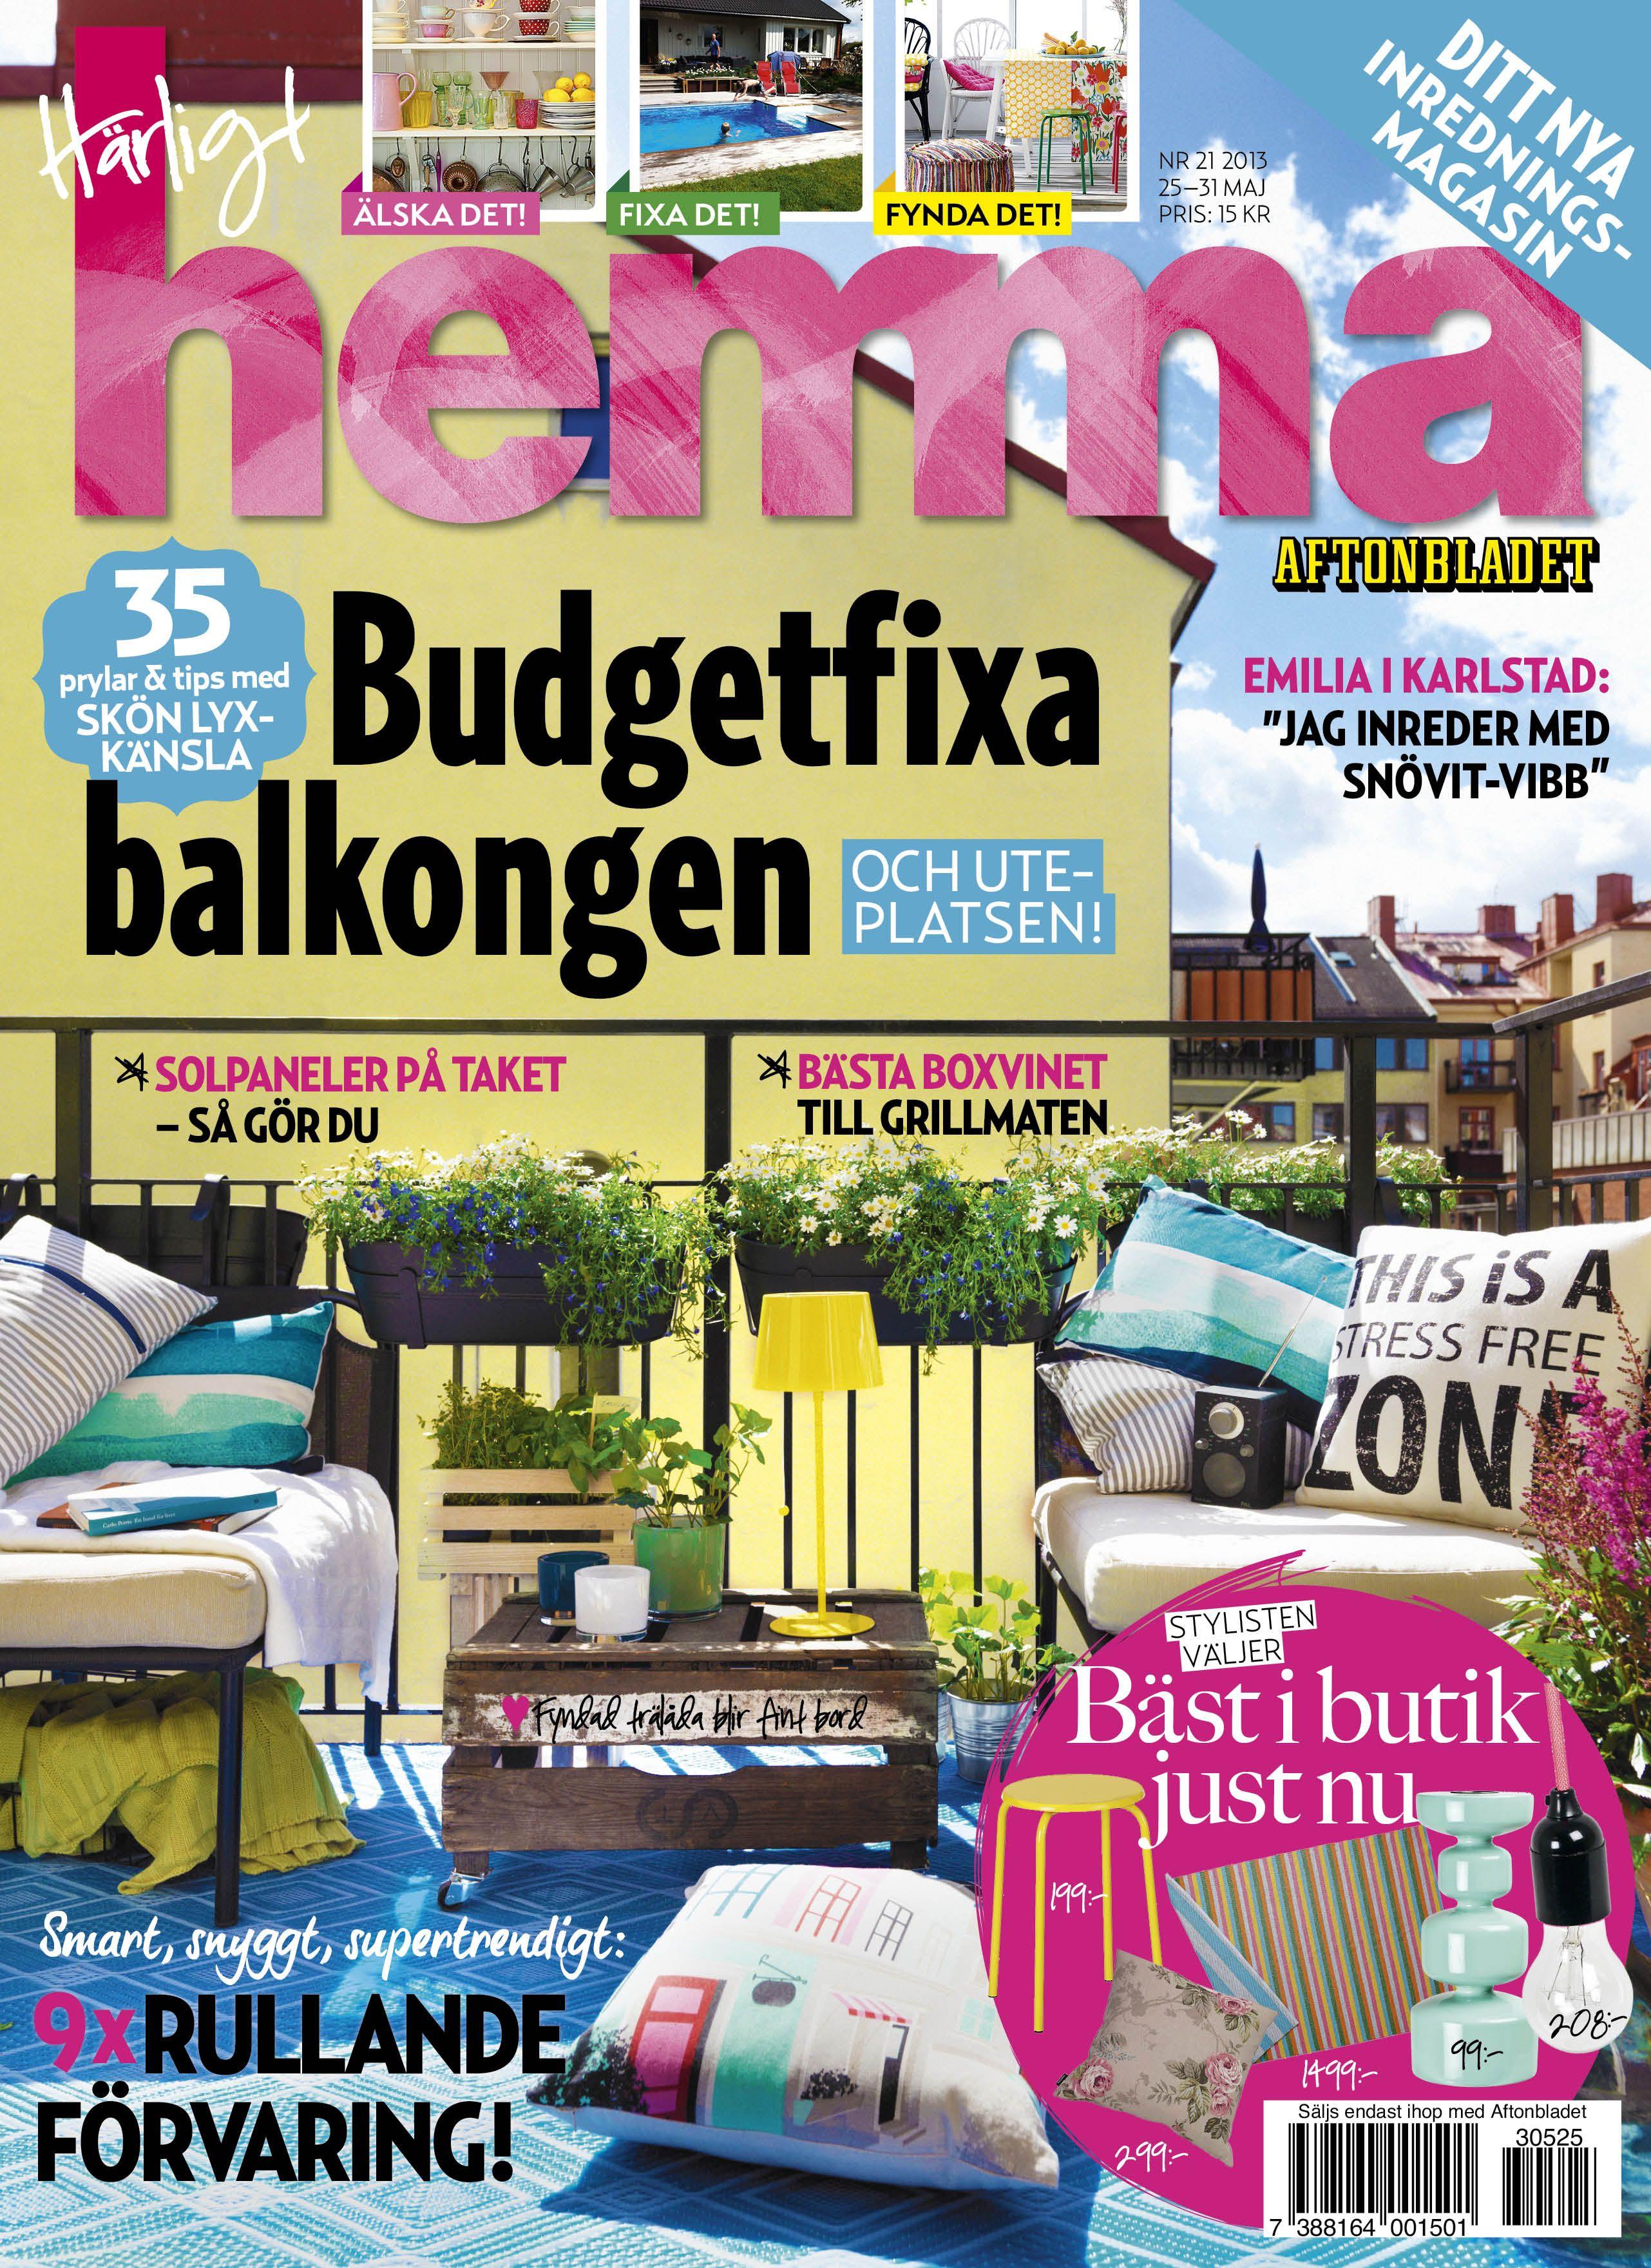 Veckans nummer av Härligt hemma! Nr 21/2013.